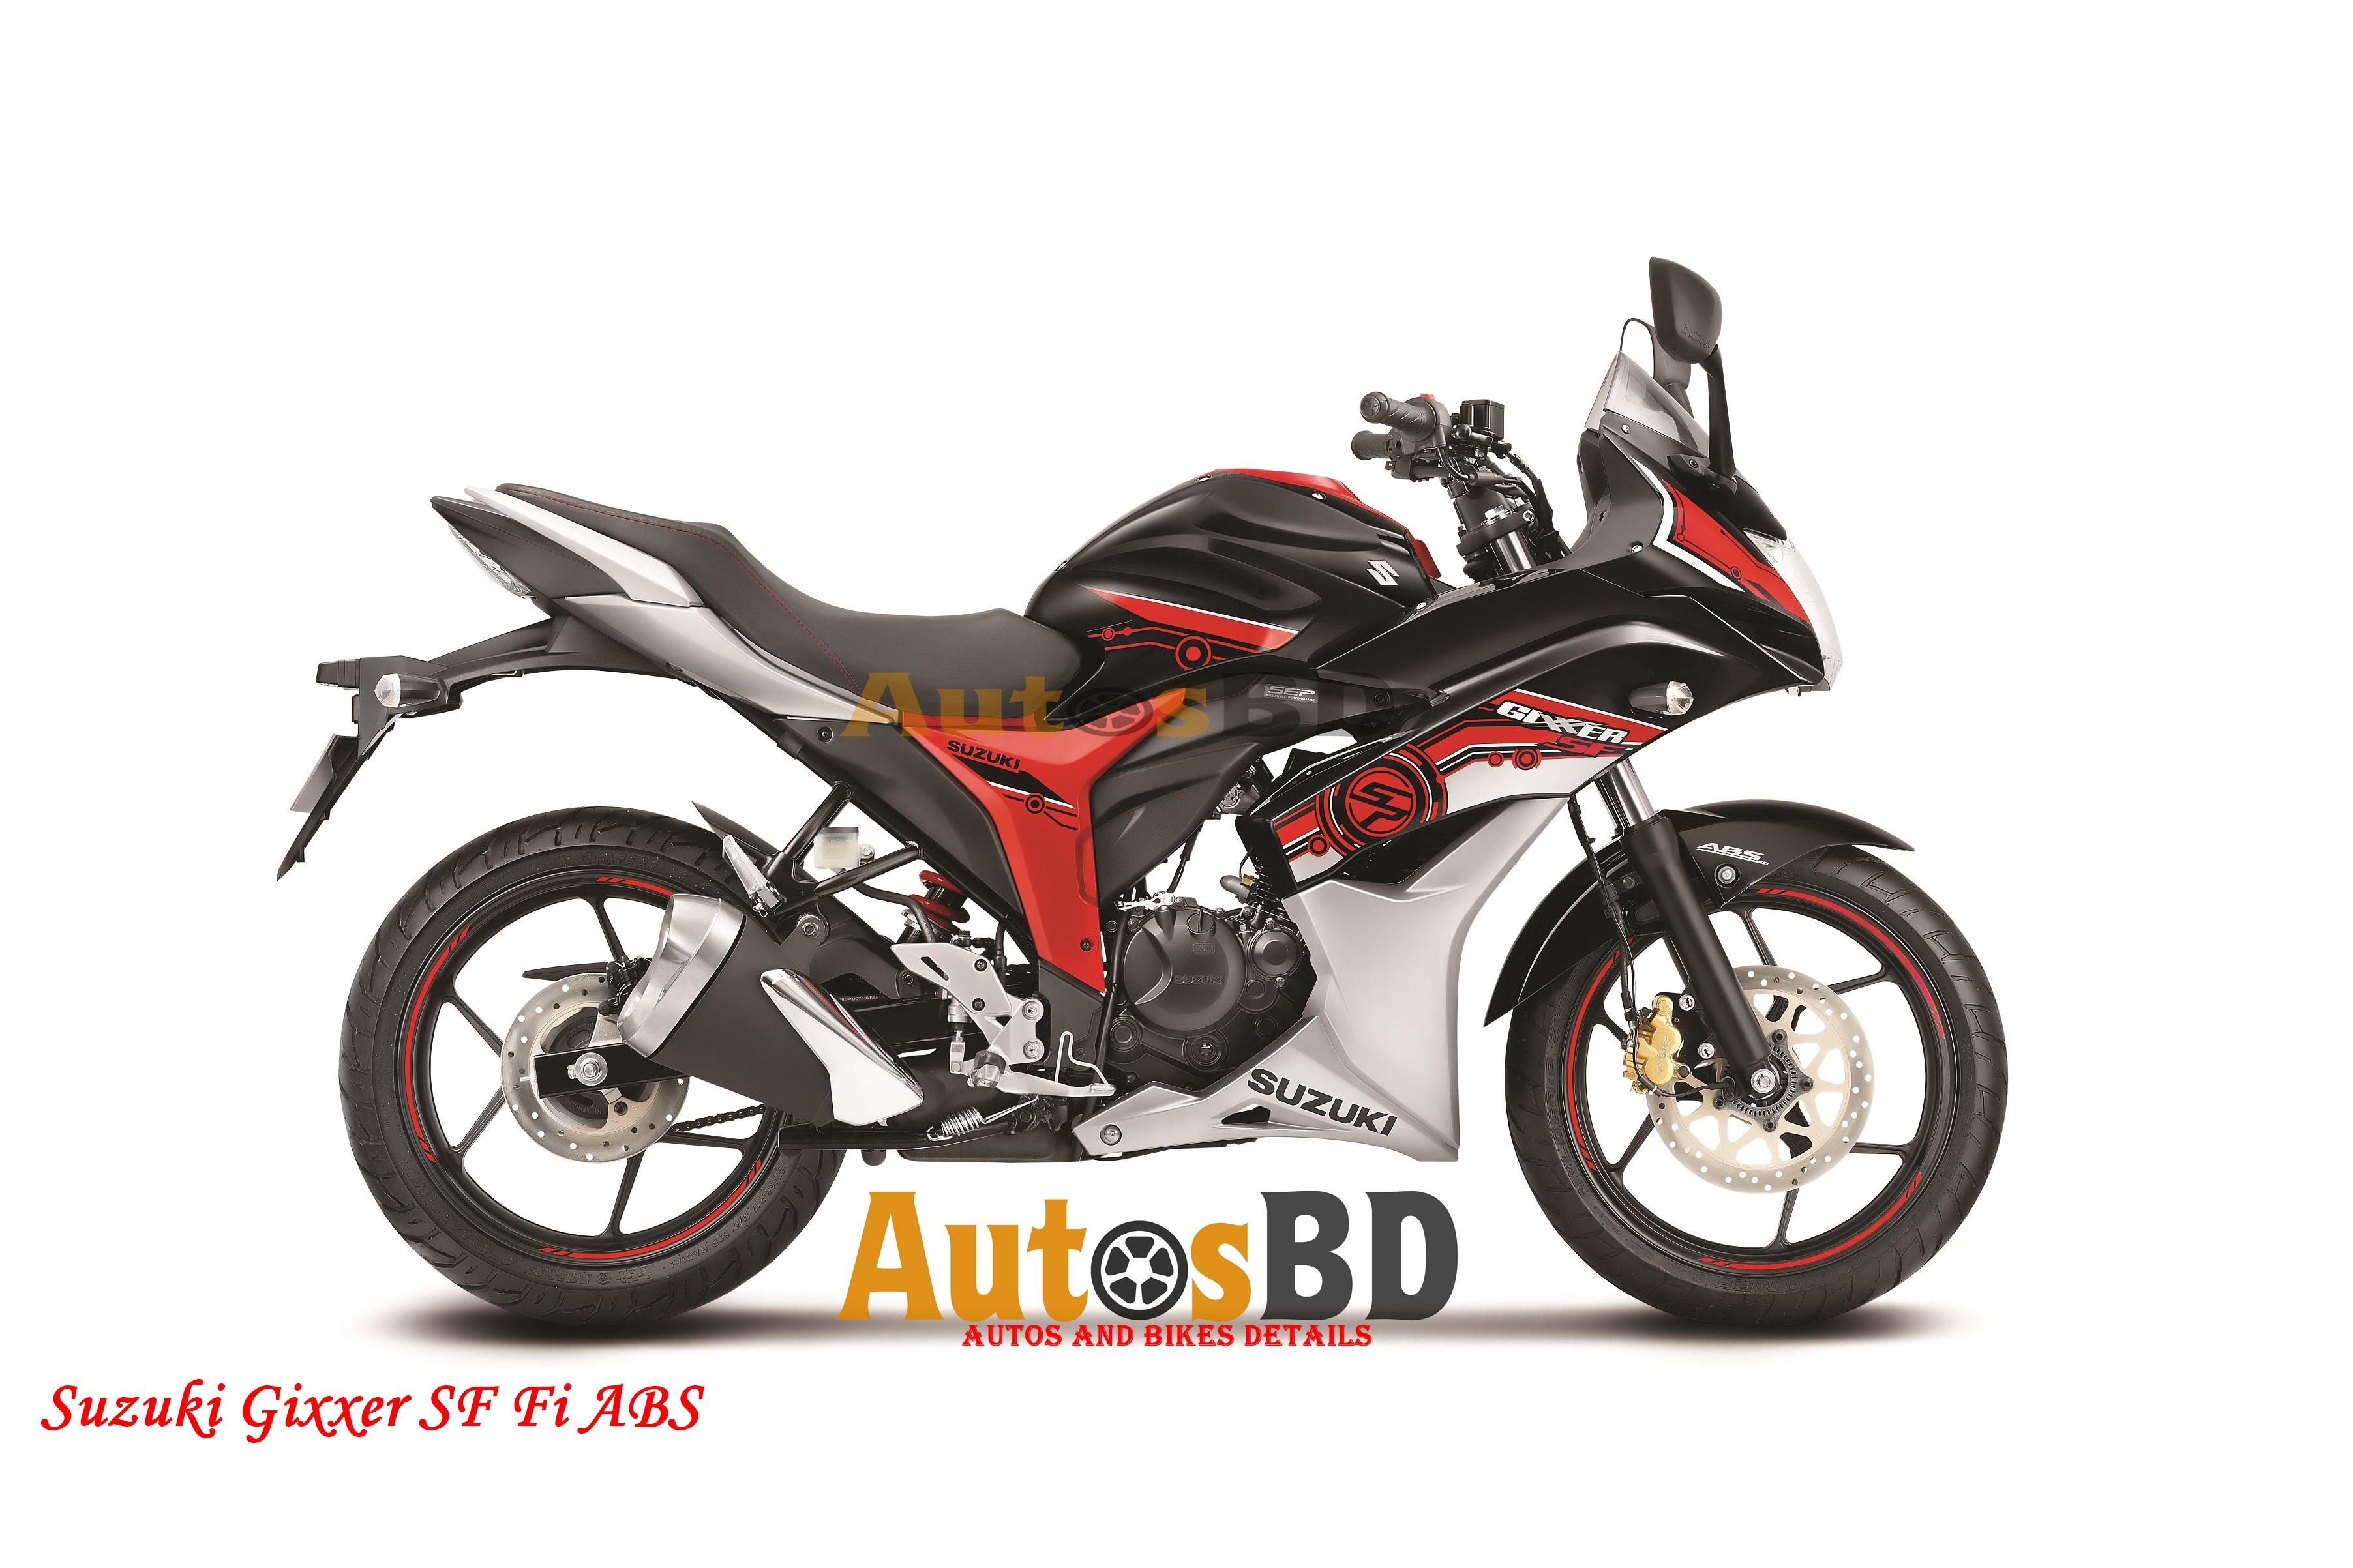 Suzuki Gixxer SF Fi ABS Motorcycle Price in India